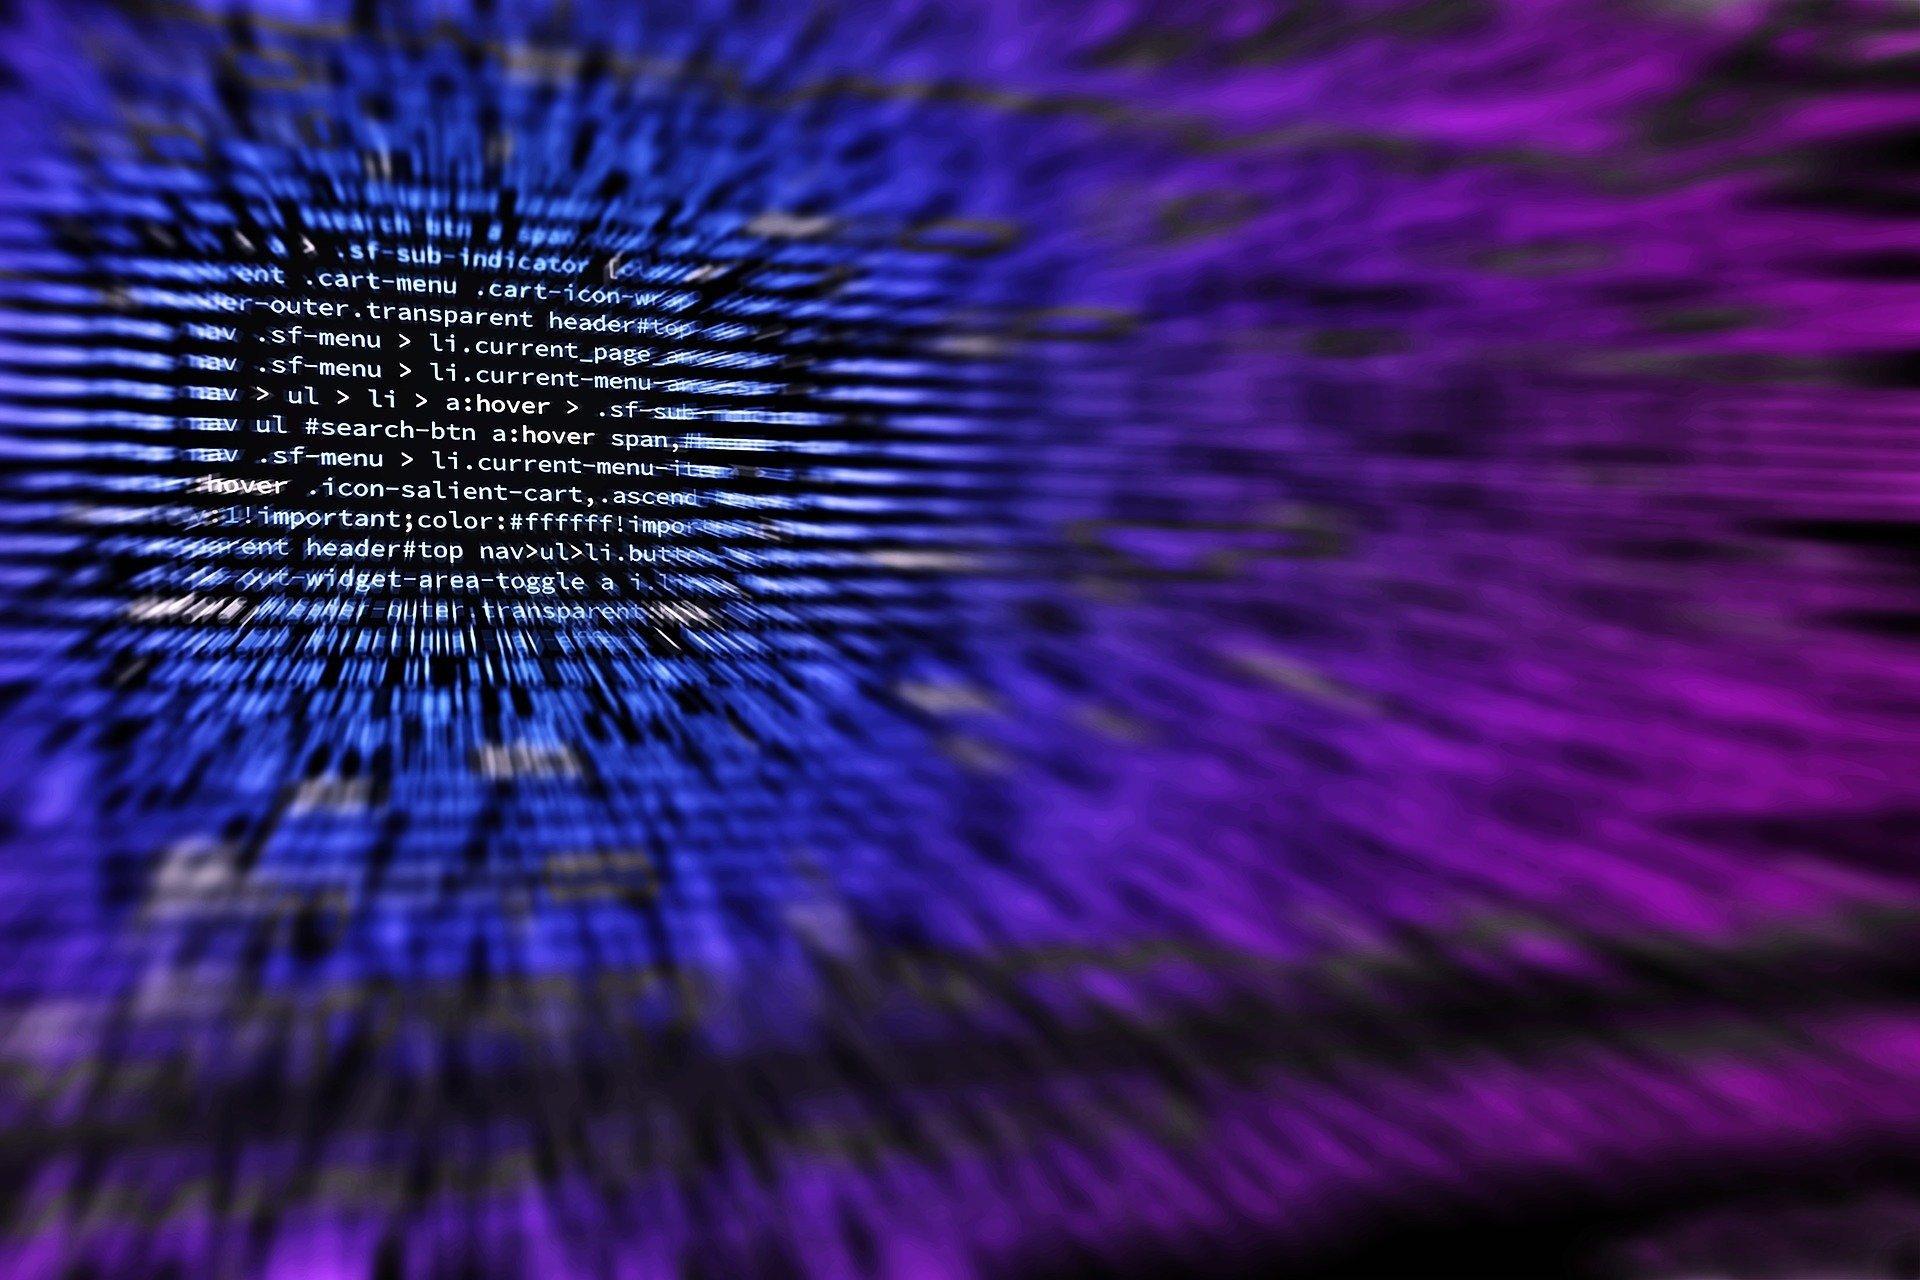 Российские хакеры атаковали ядерное агентство США